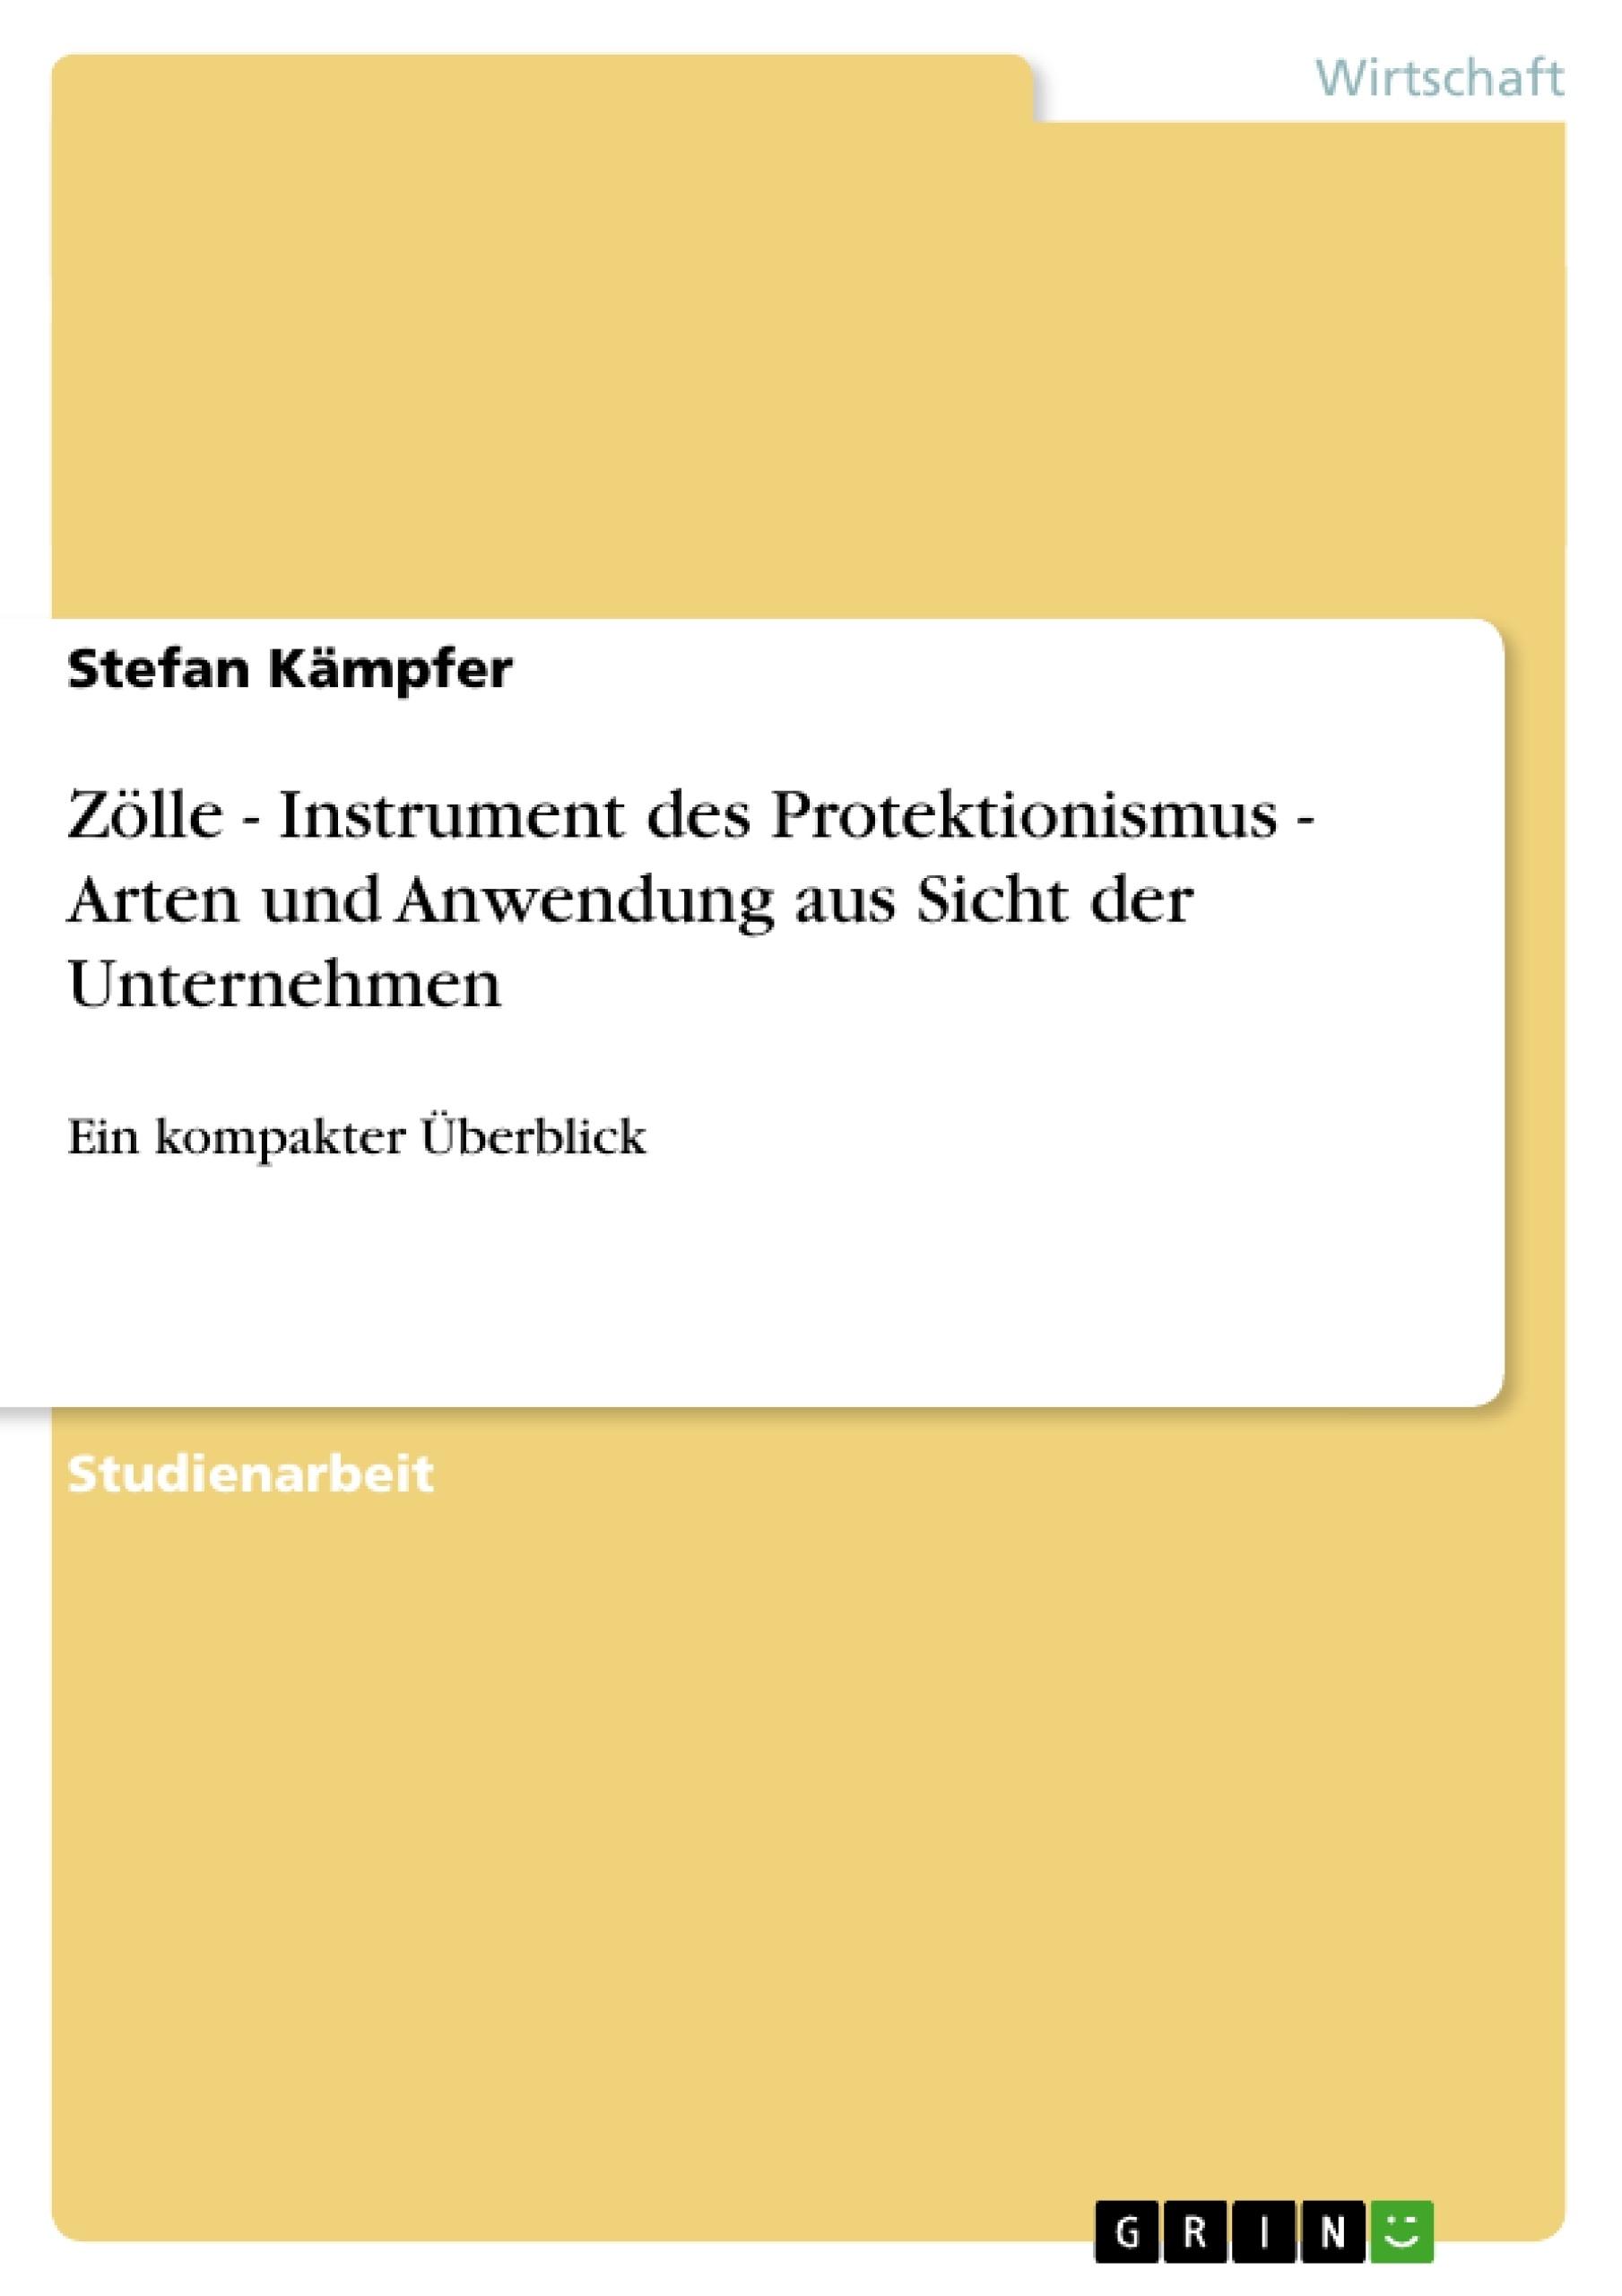 Titel: Zölle - Instrument des Protektionismus - Arten und Anwendung aus Sicht der Unternehmen